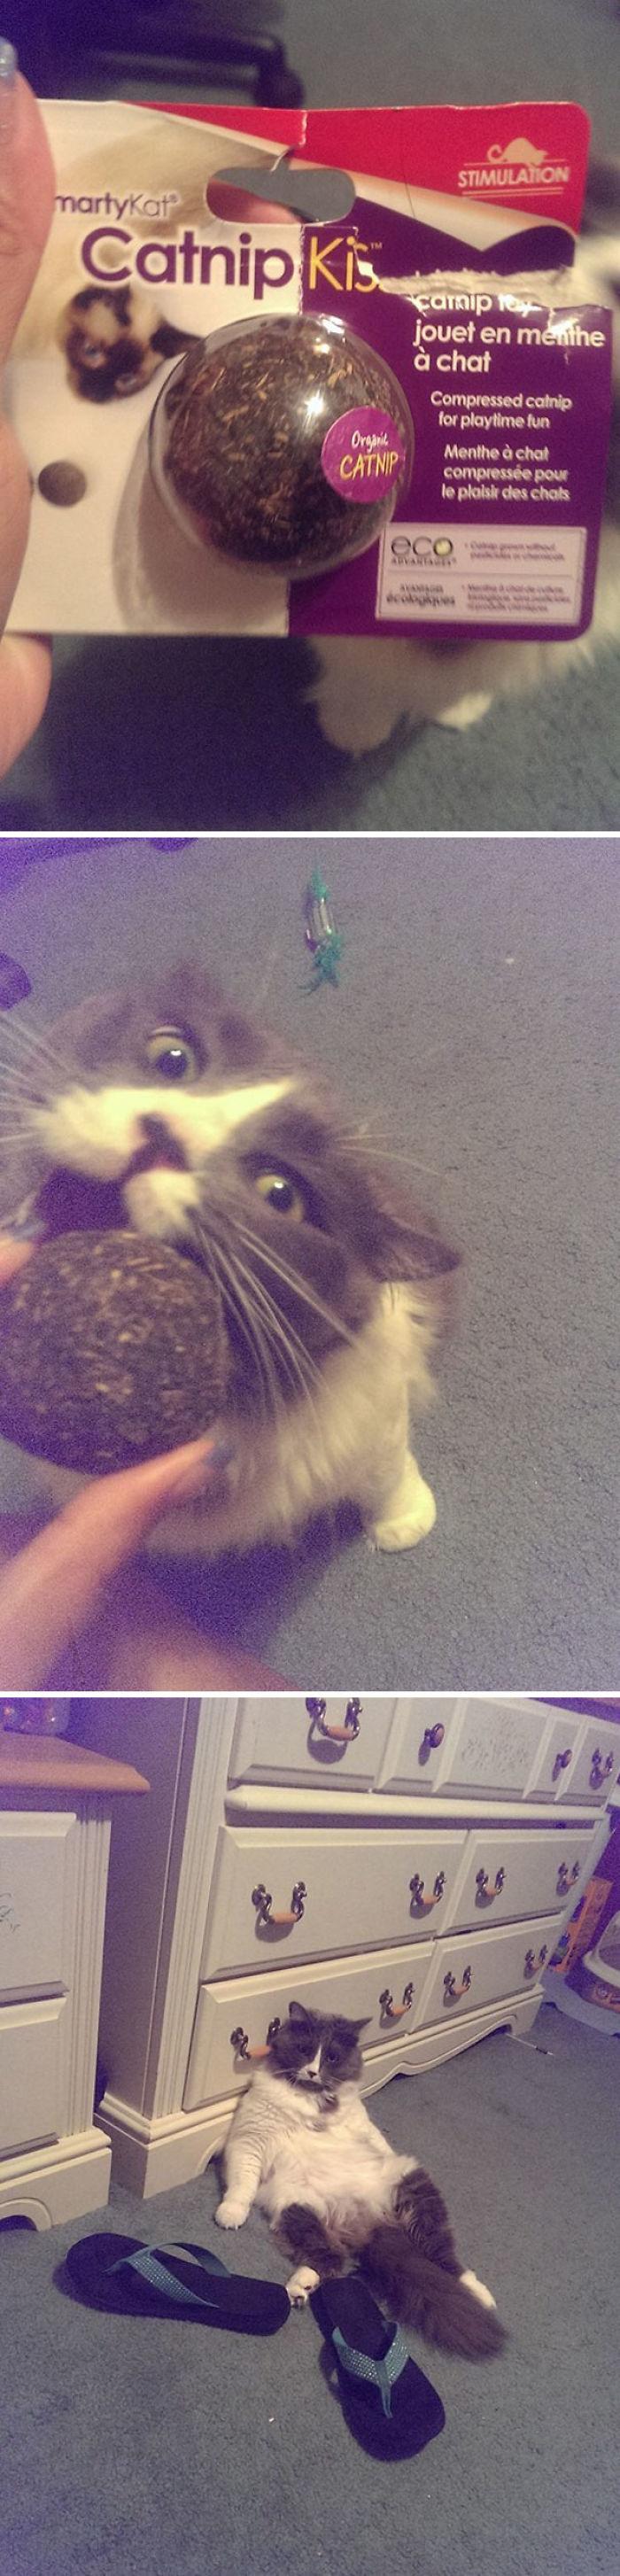 Mi hermana decidió dar un poco de la hierba gatera a su gato